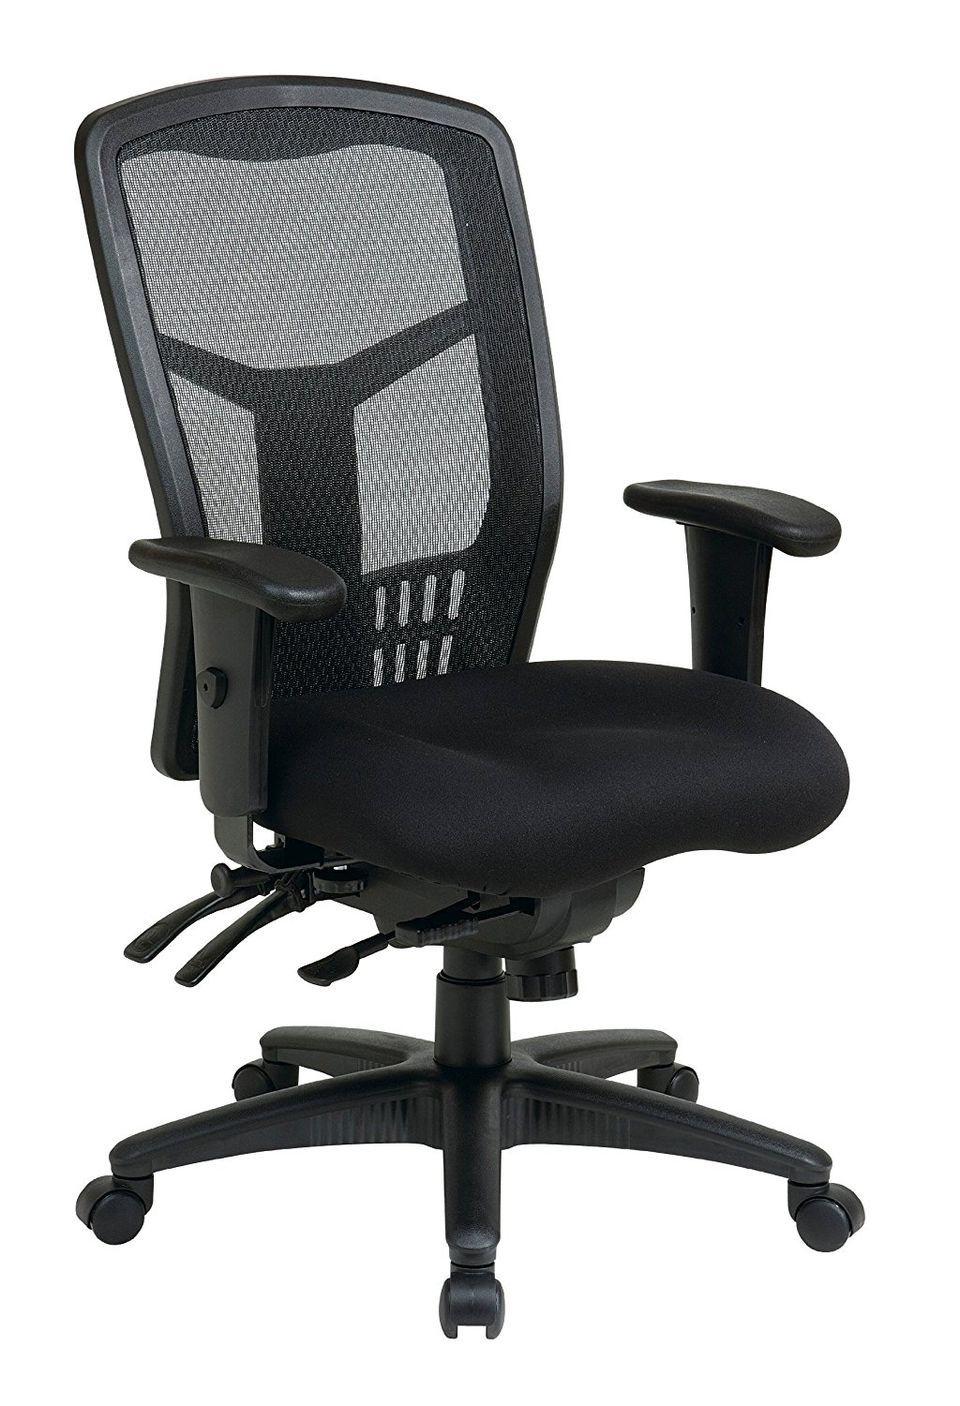 Ergo Desk Chairs - Frasesdeconquista.com